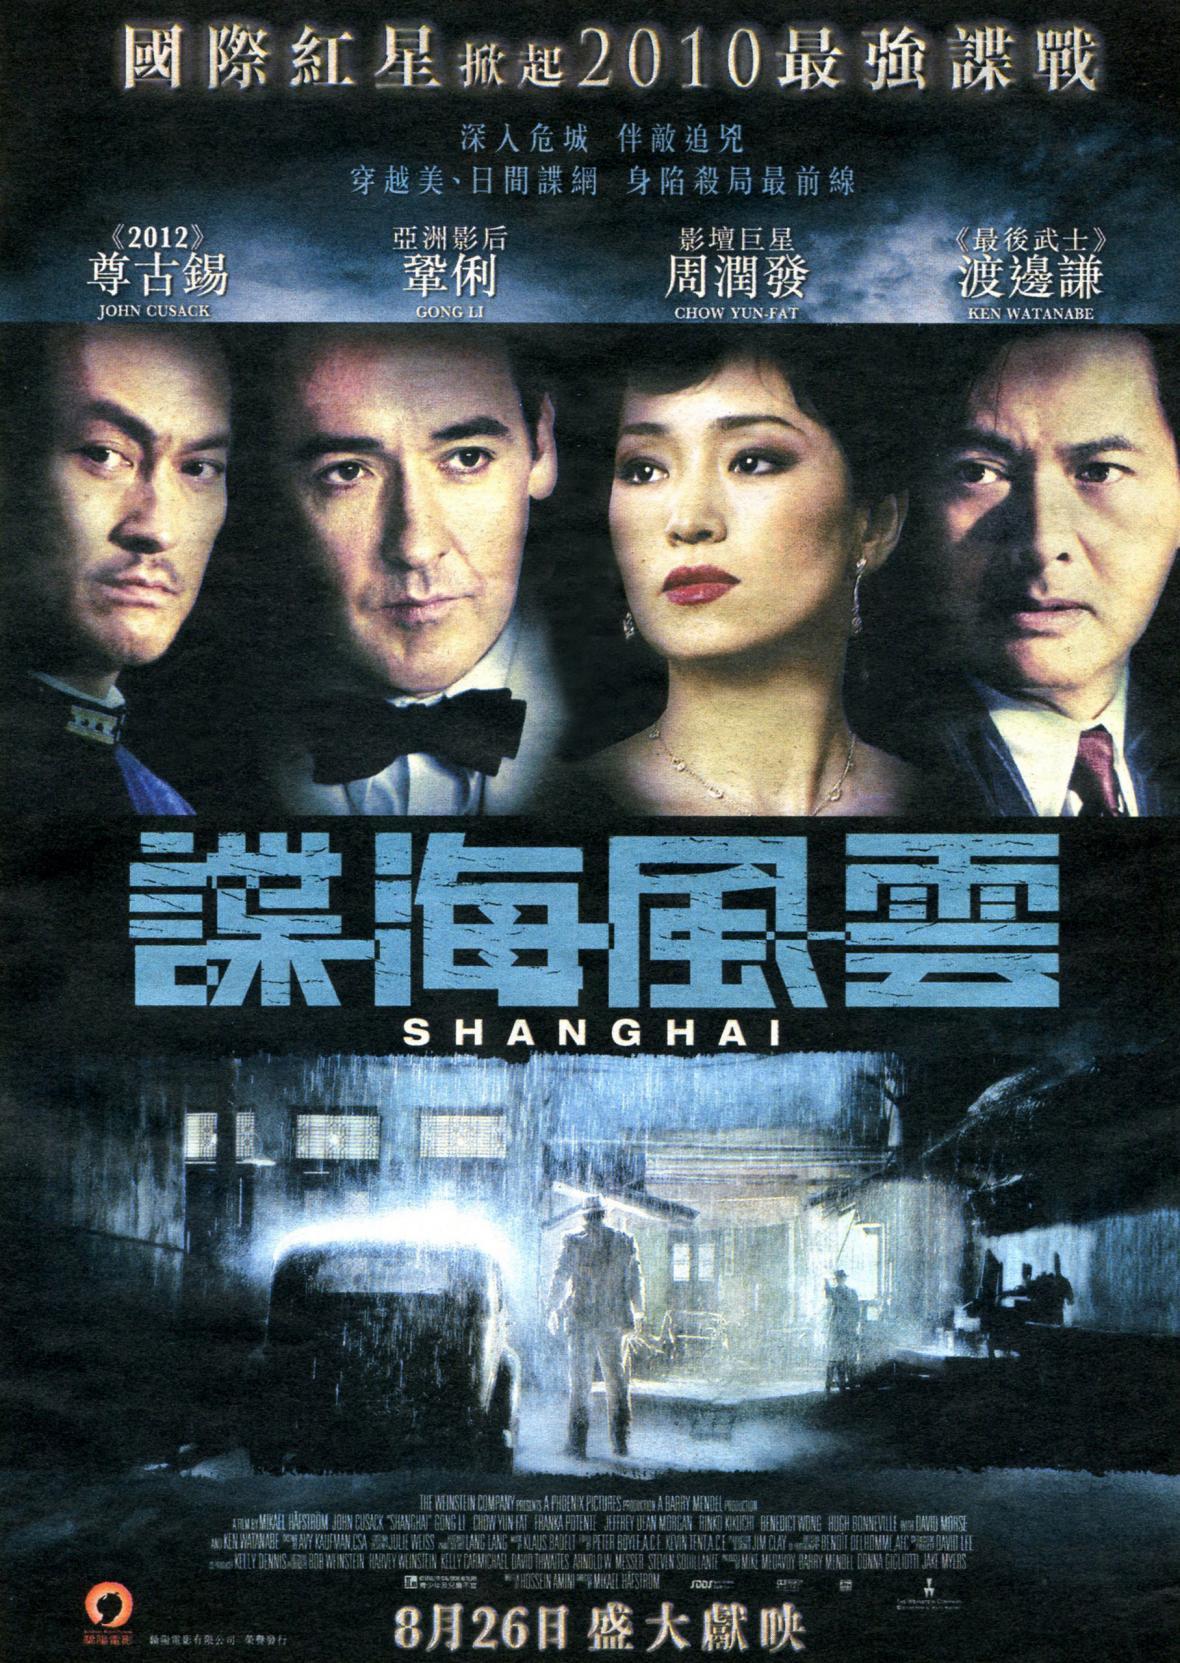 کوتاه درباره فیلم شانگهای